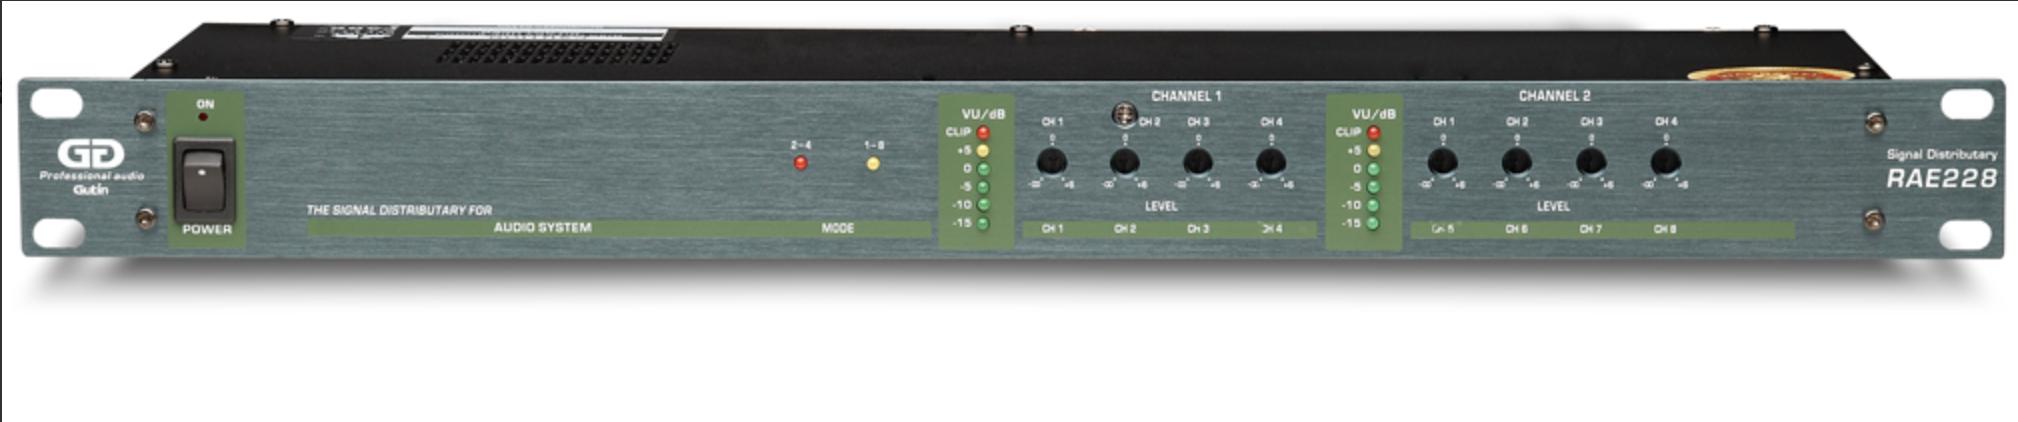 音频信号分配放大器